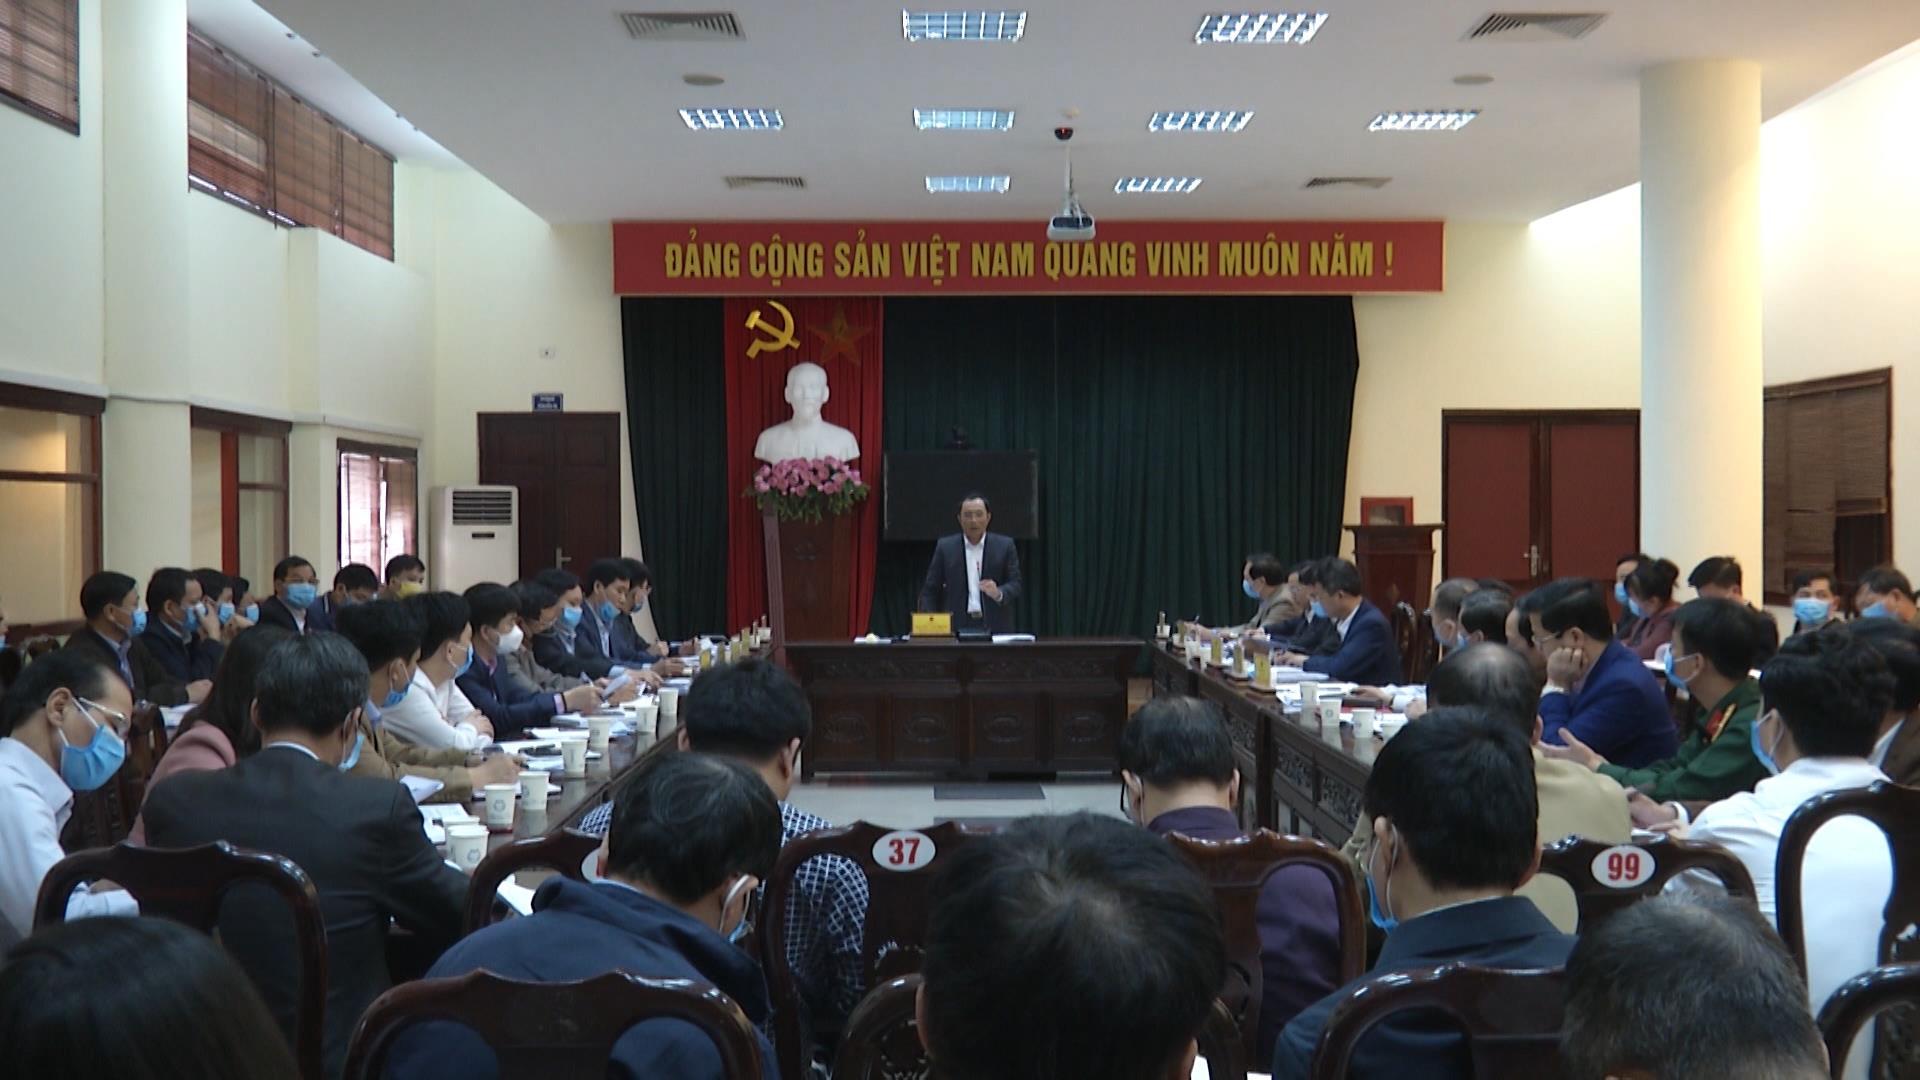 Bắc Ninh triển khai đợt vận động toàn dân ủng hộ phòng chống dịch Covid -19 và đồng bào bị ảnh hưởng hạn hán, xâm nhập mặn